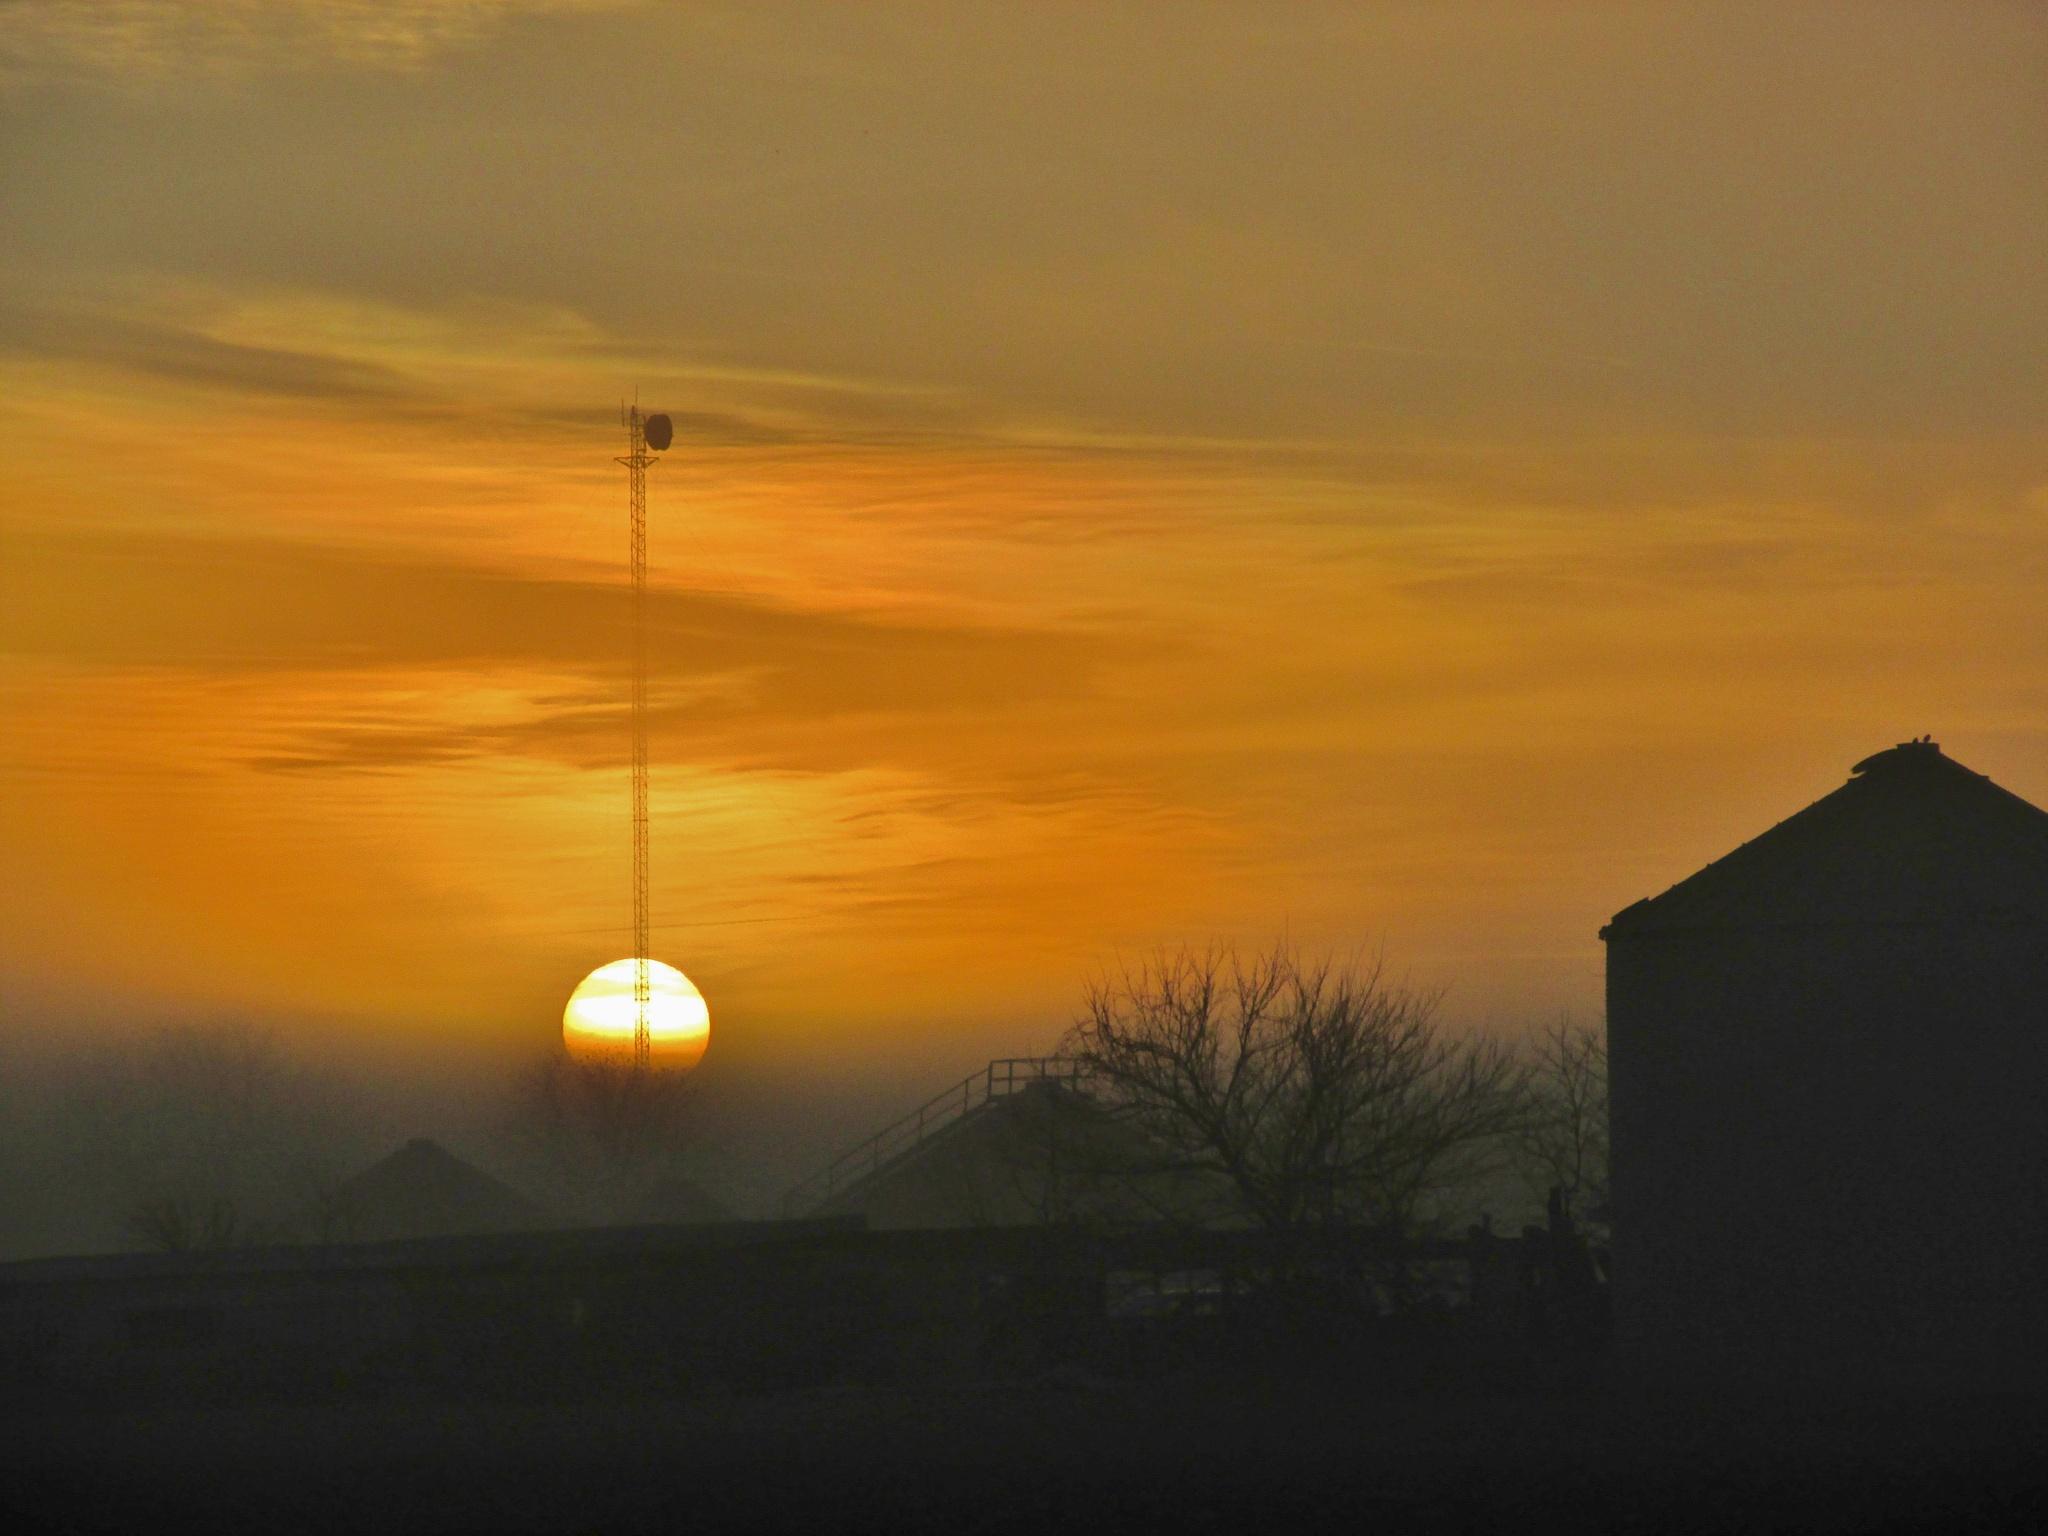 Foggy sunrise by debbylesko